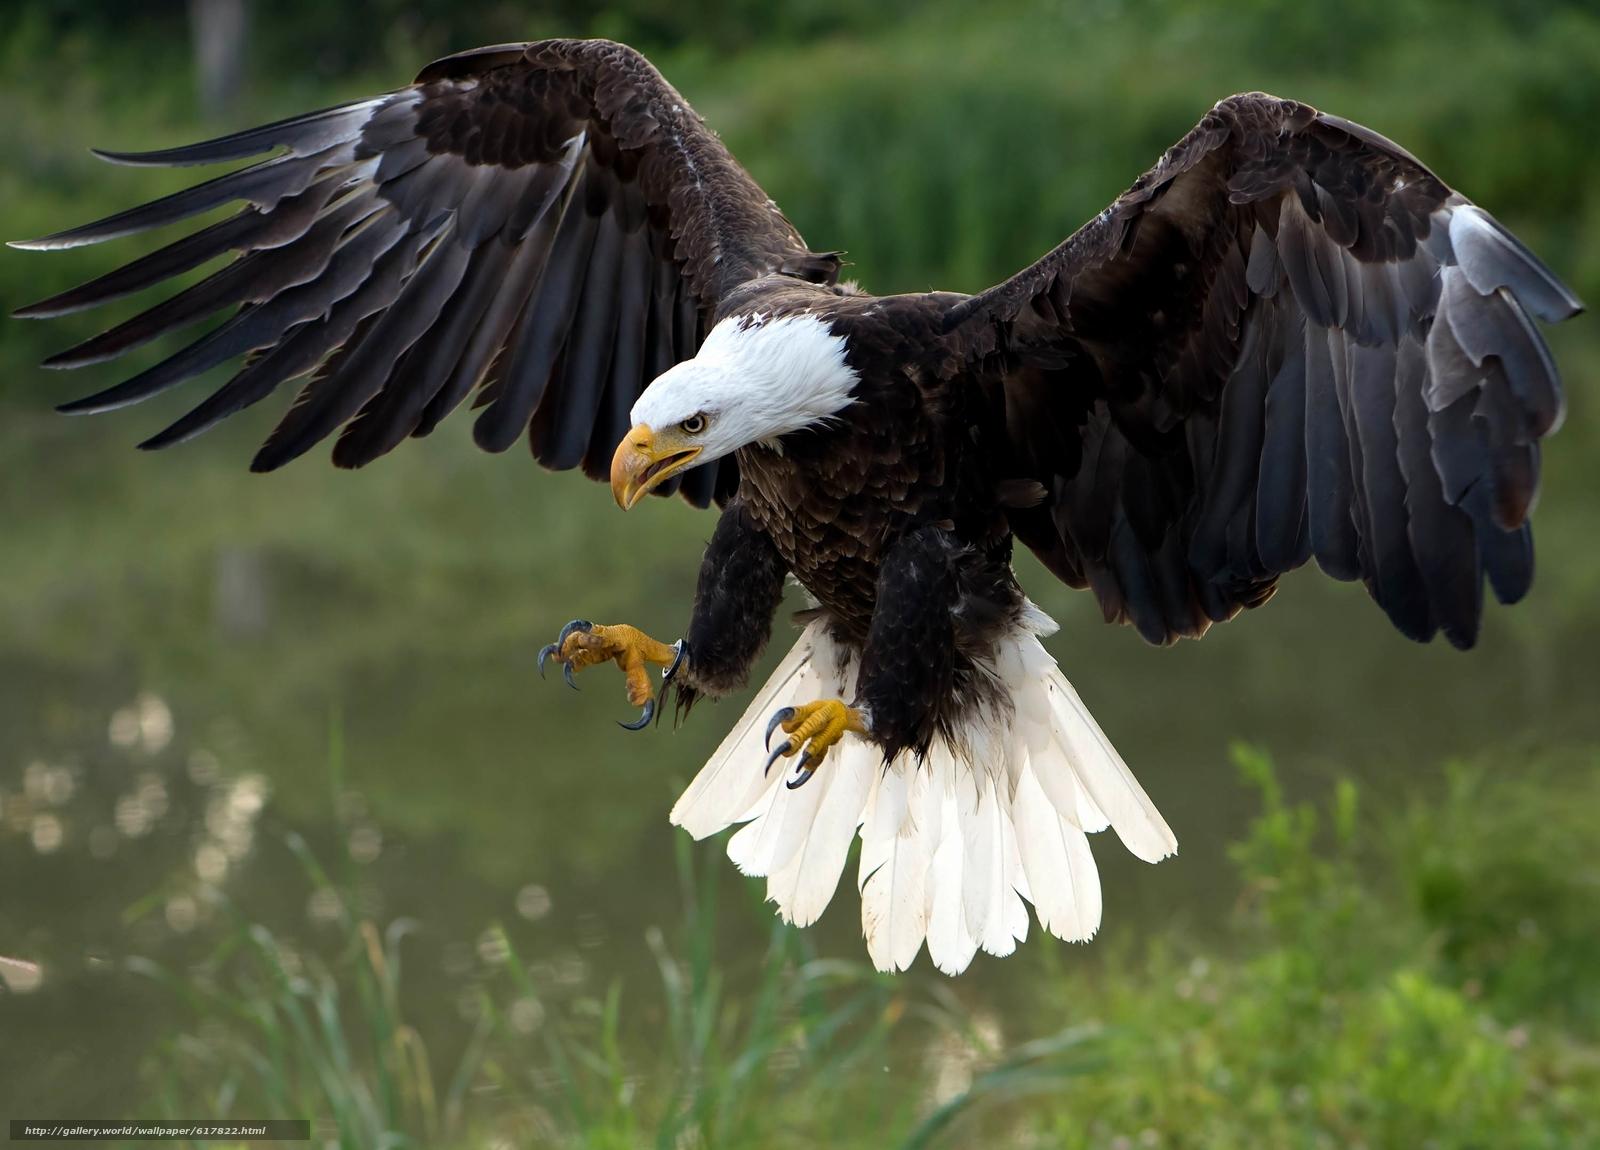 baixar wallpaper Águia falcão pássaro predador papis de parede